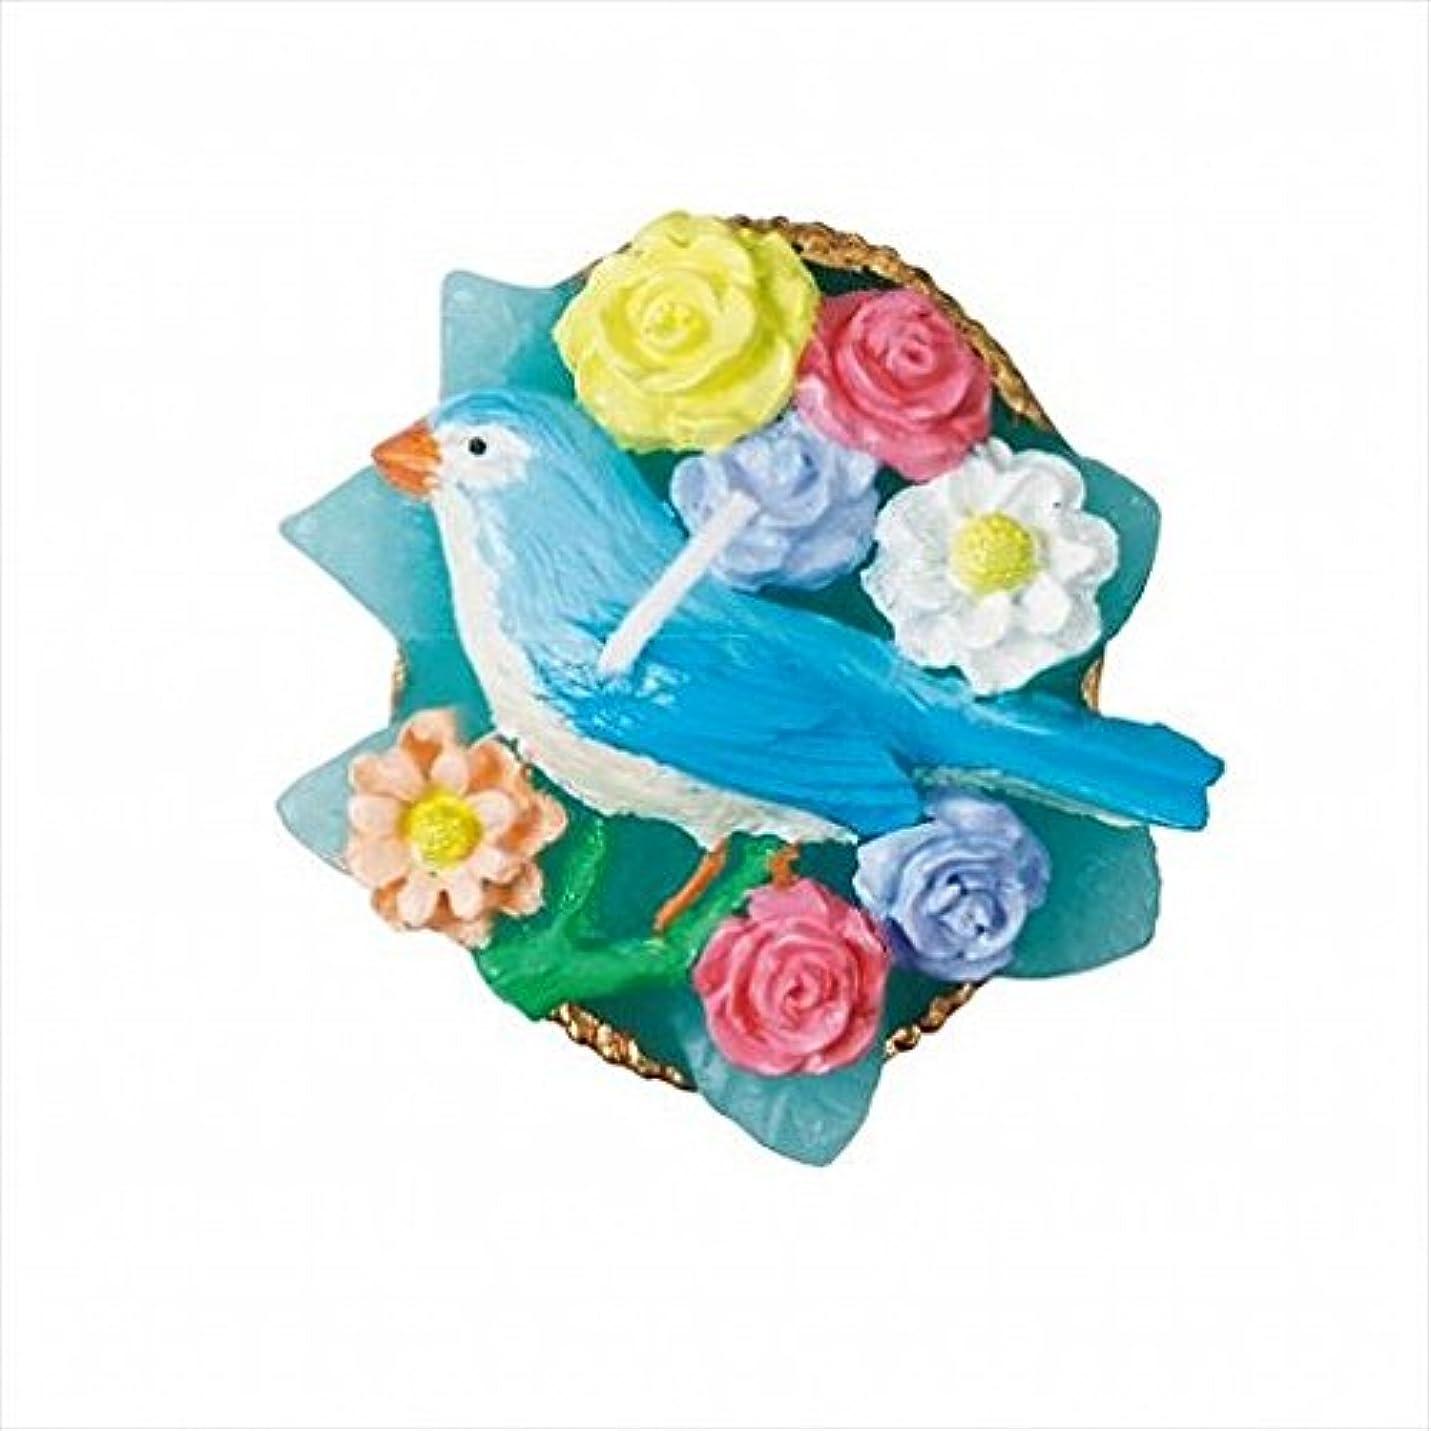 決定する手足怠kameyama candle(カメヤマキャンドル) アンティークジュエリー 「 ブルーバード 」 キャンドル 48x48x25mm (A4380040)